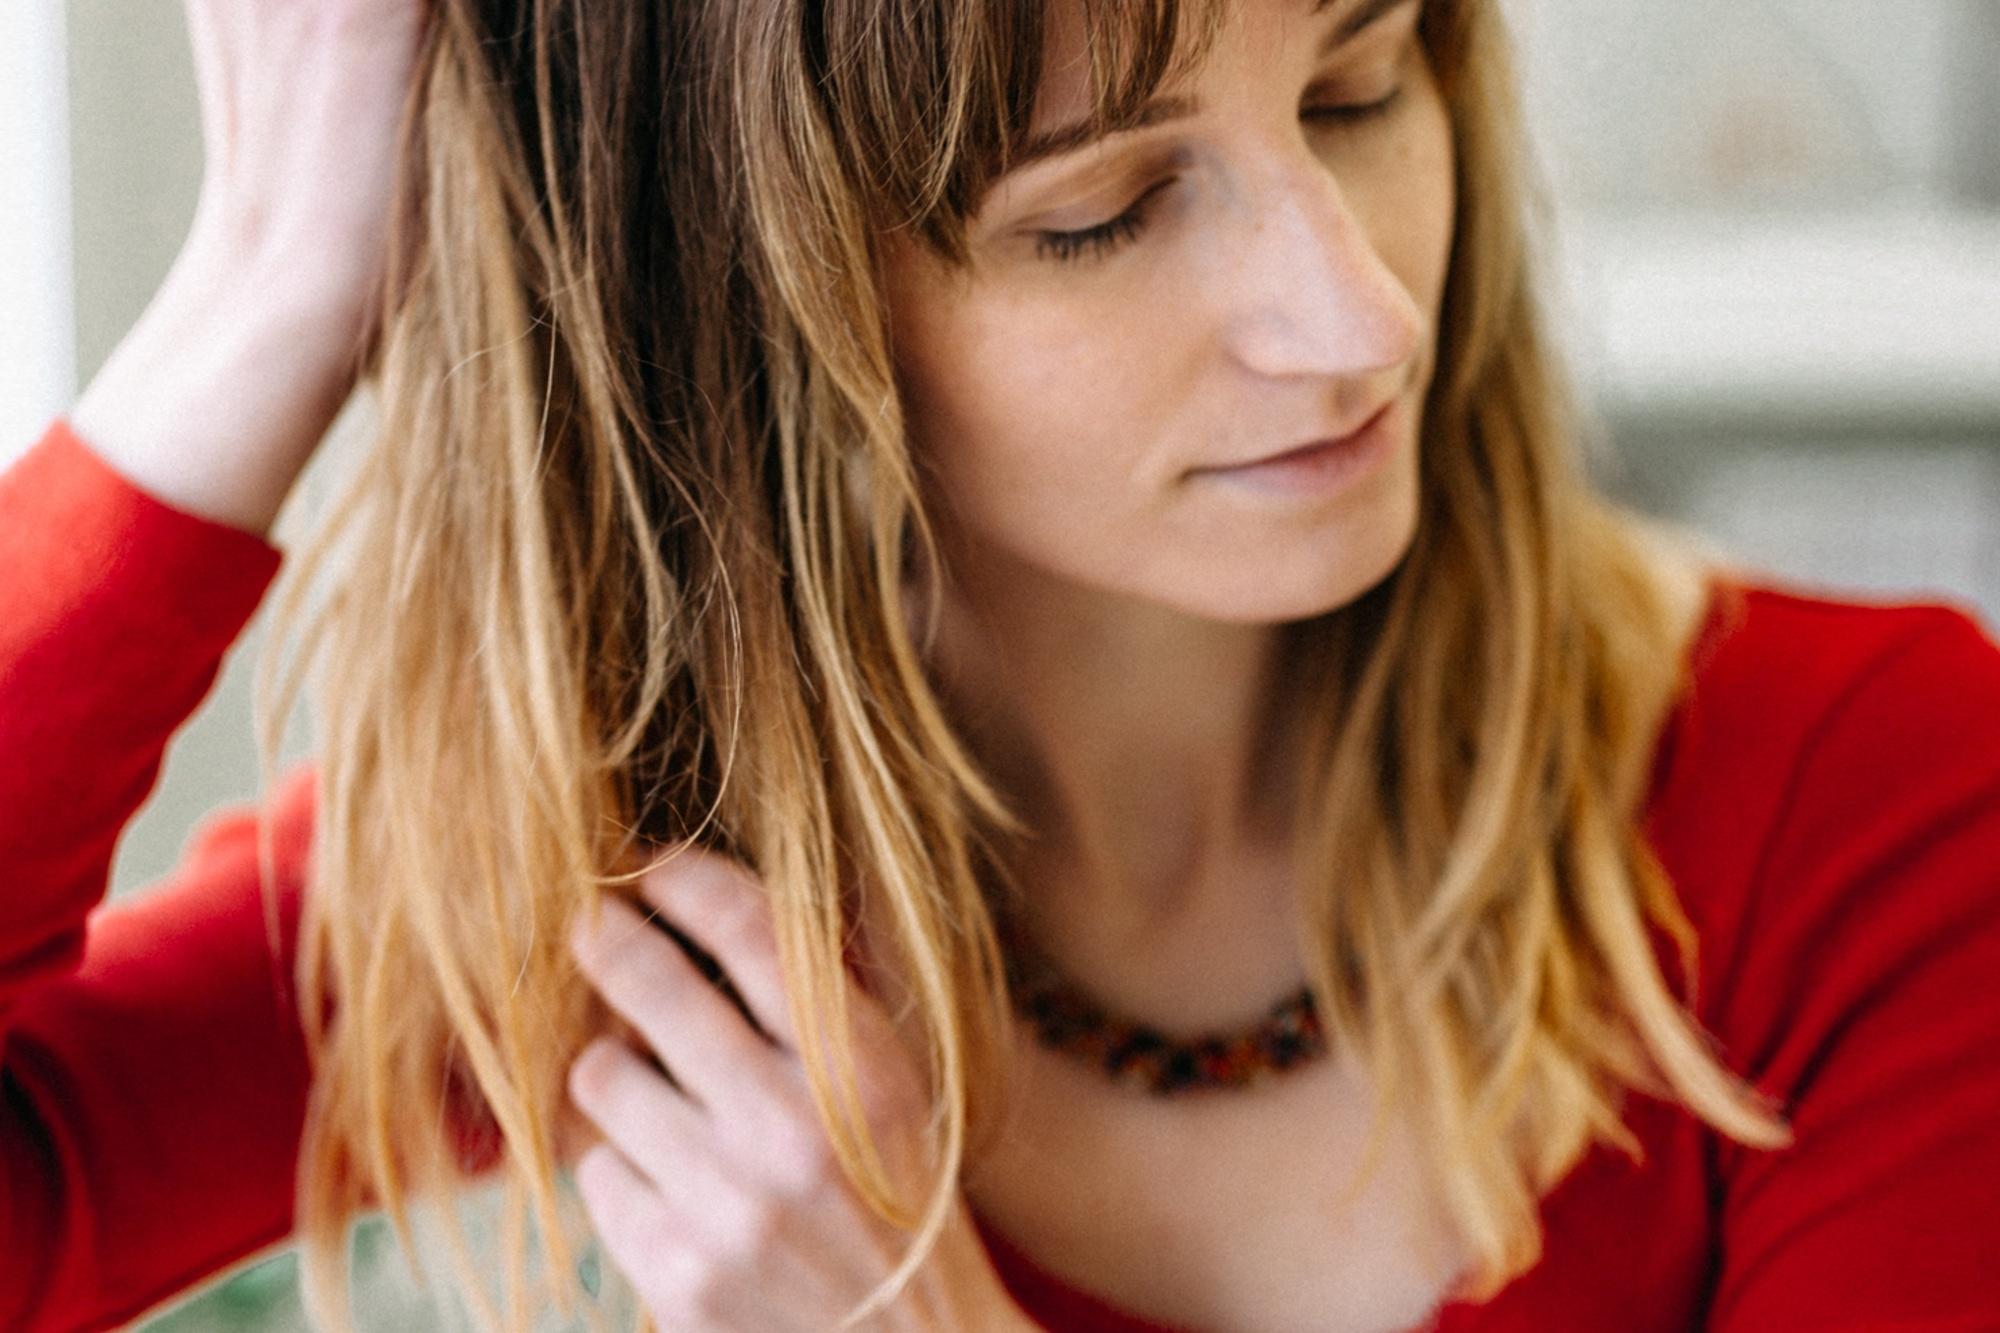 Péče o vlasy na míru - co chtějí vaše vlasy?